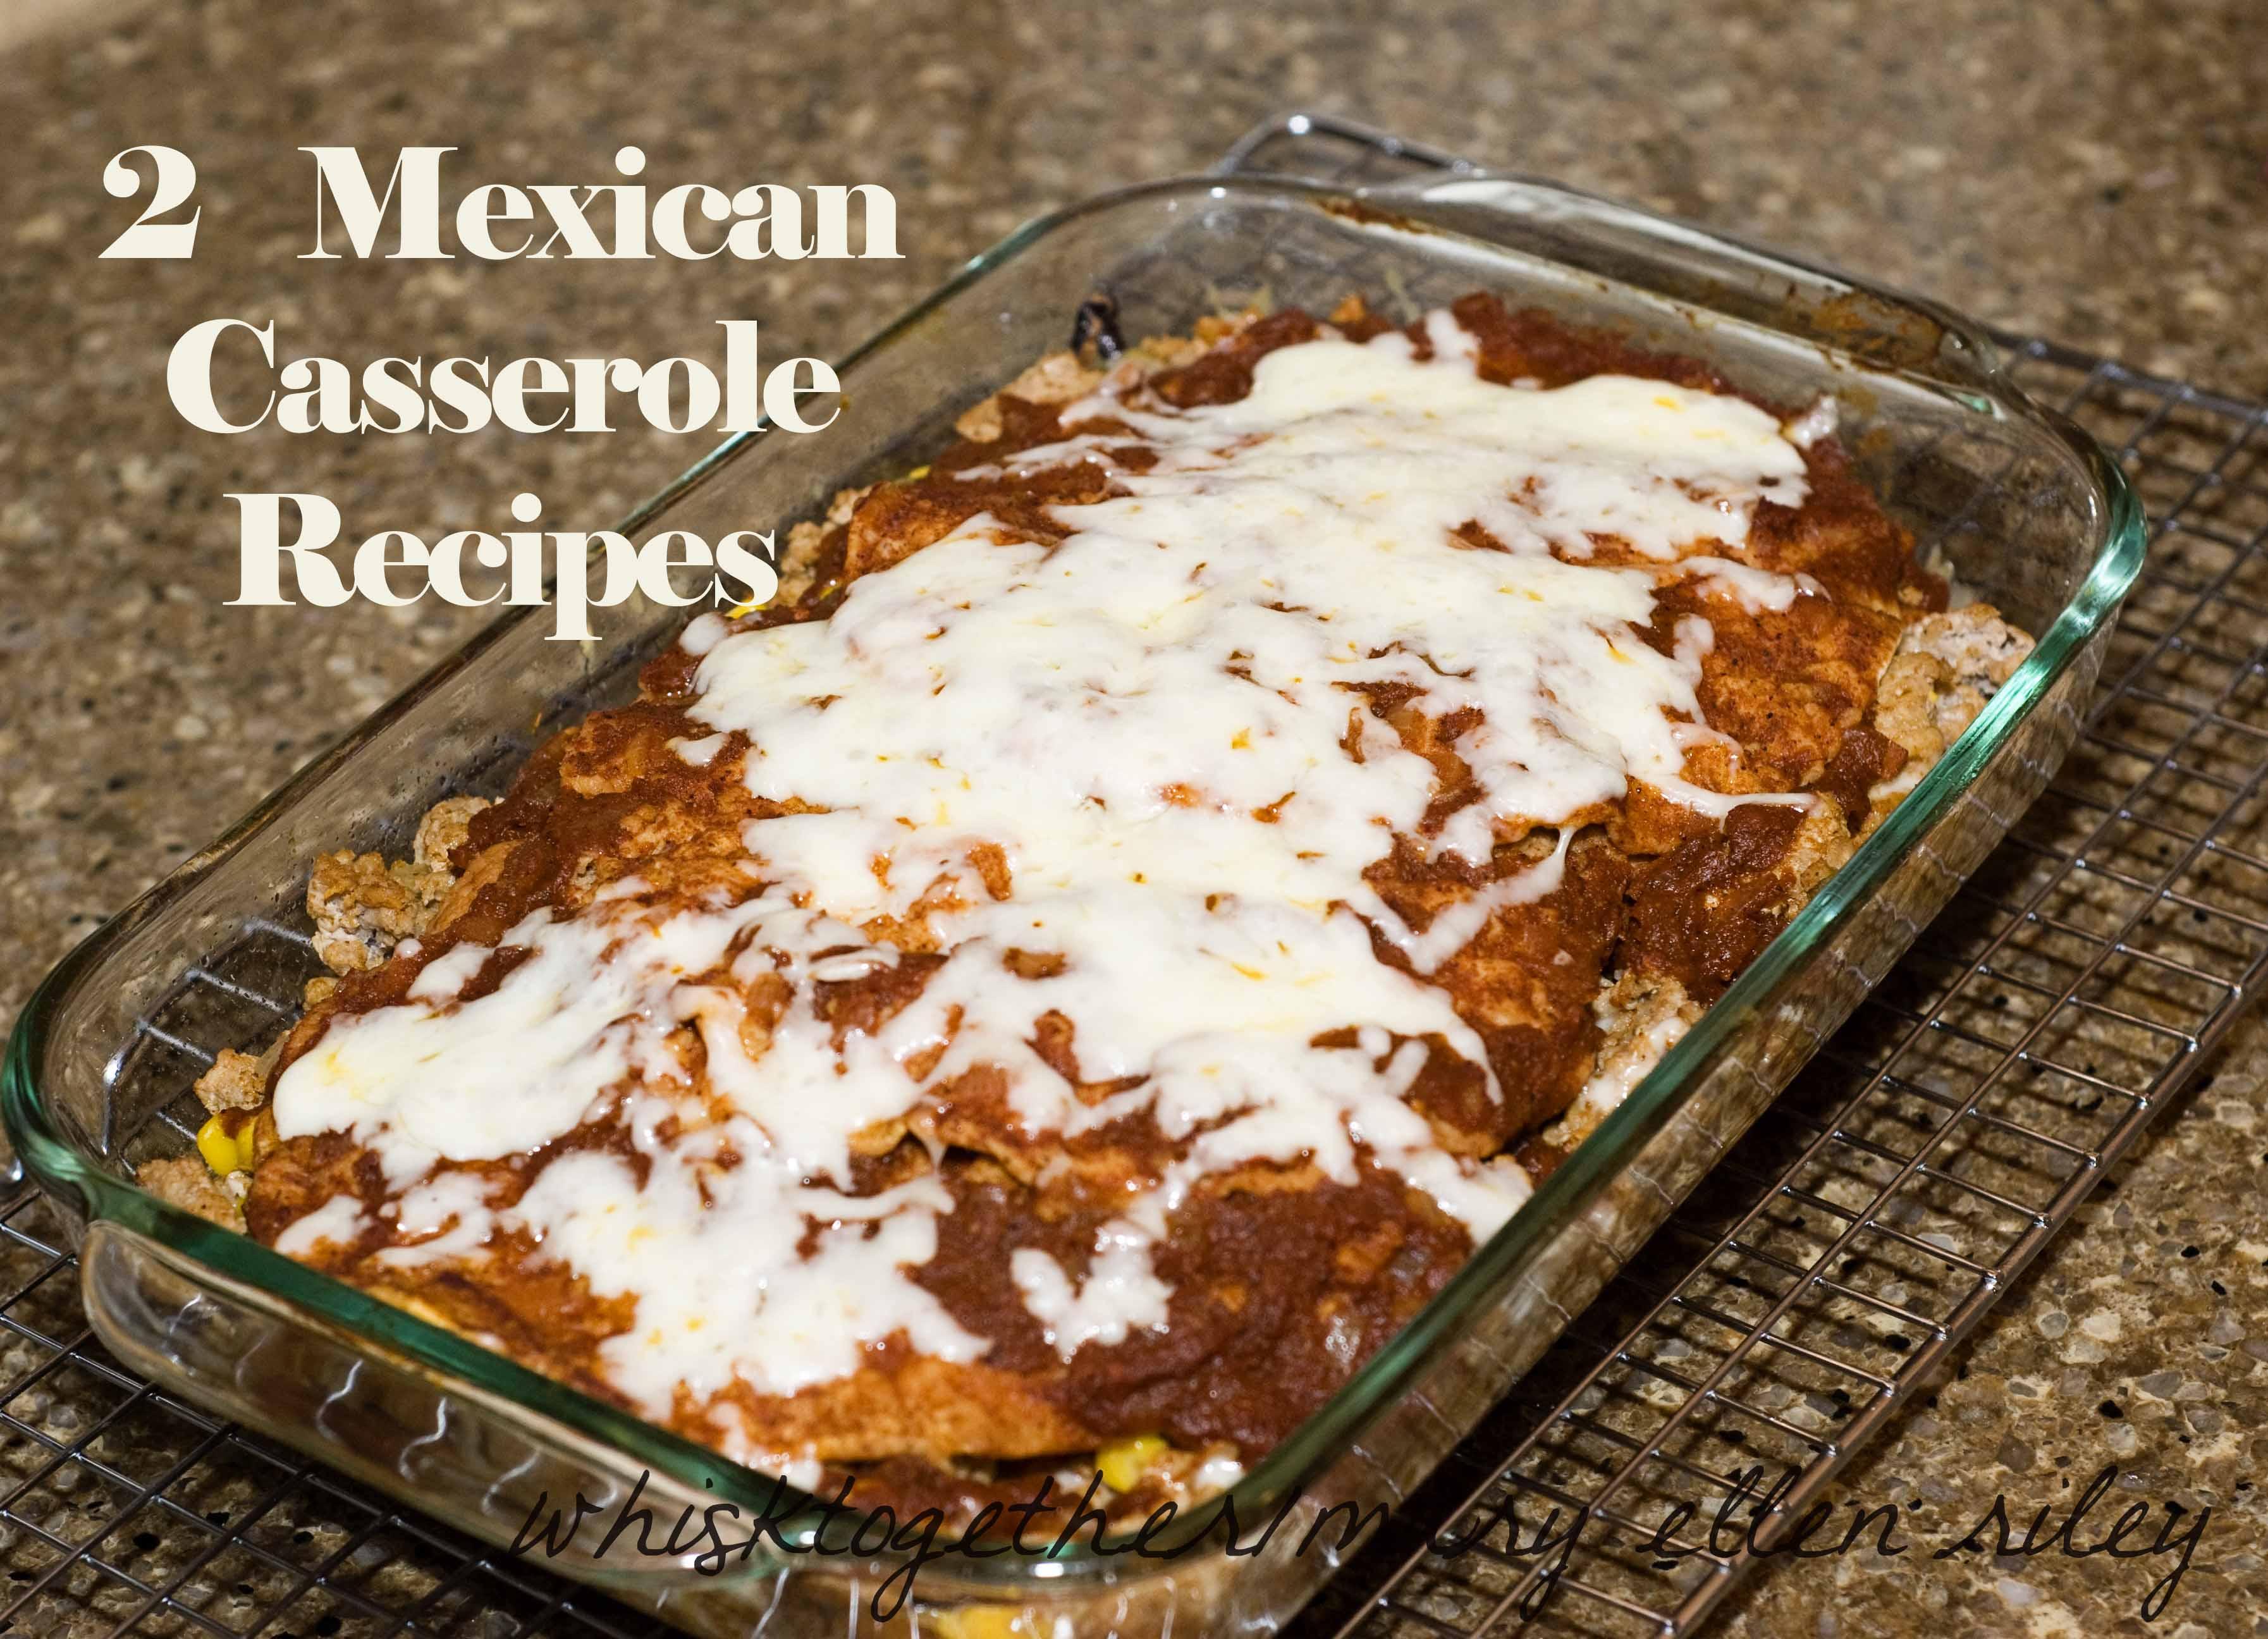 ... /2013/01/2-mexican-casserole-recipes-cr.jpg.   Casseroles   Pinterest